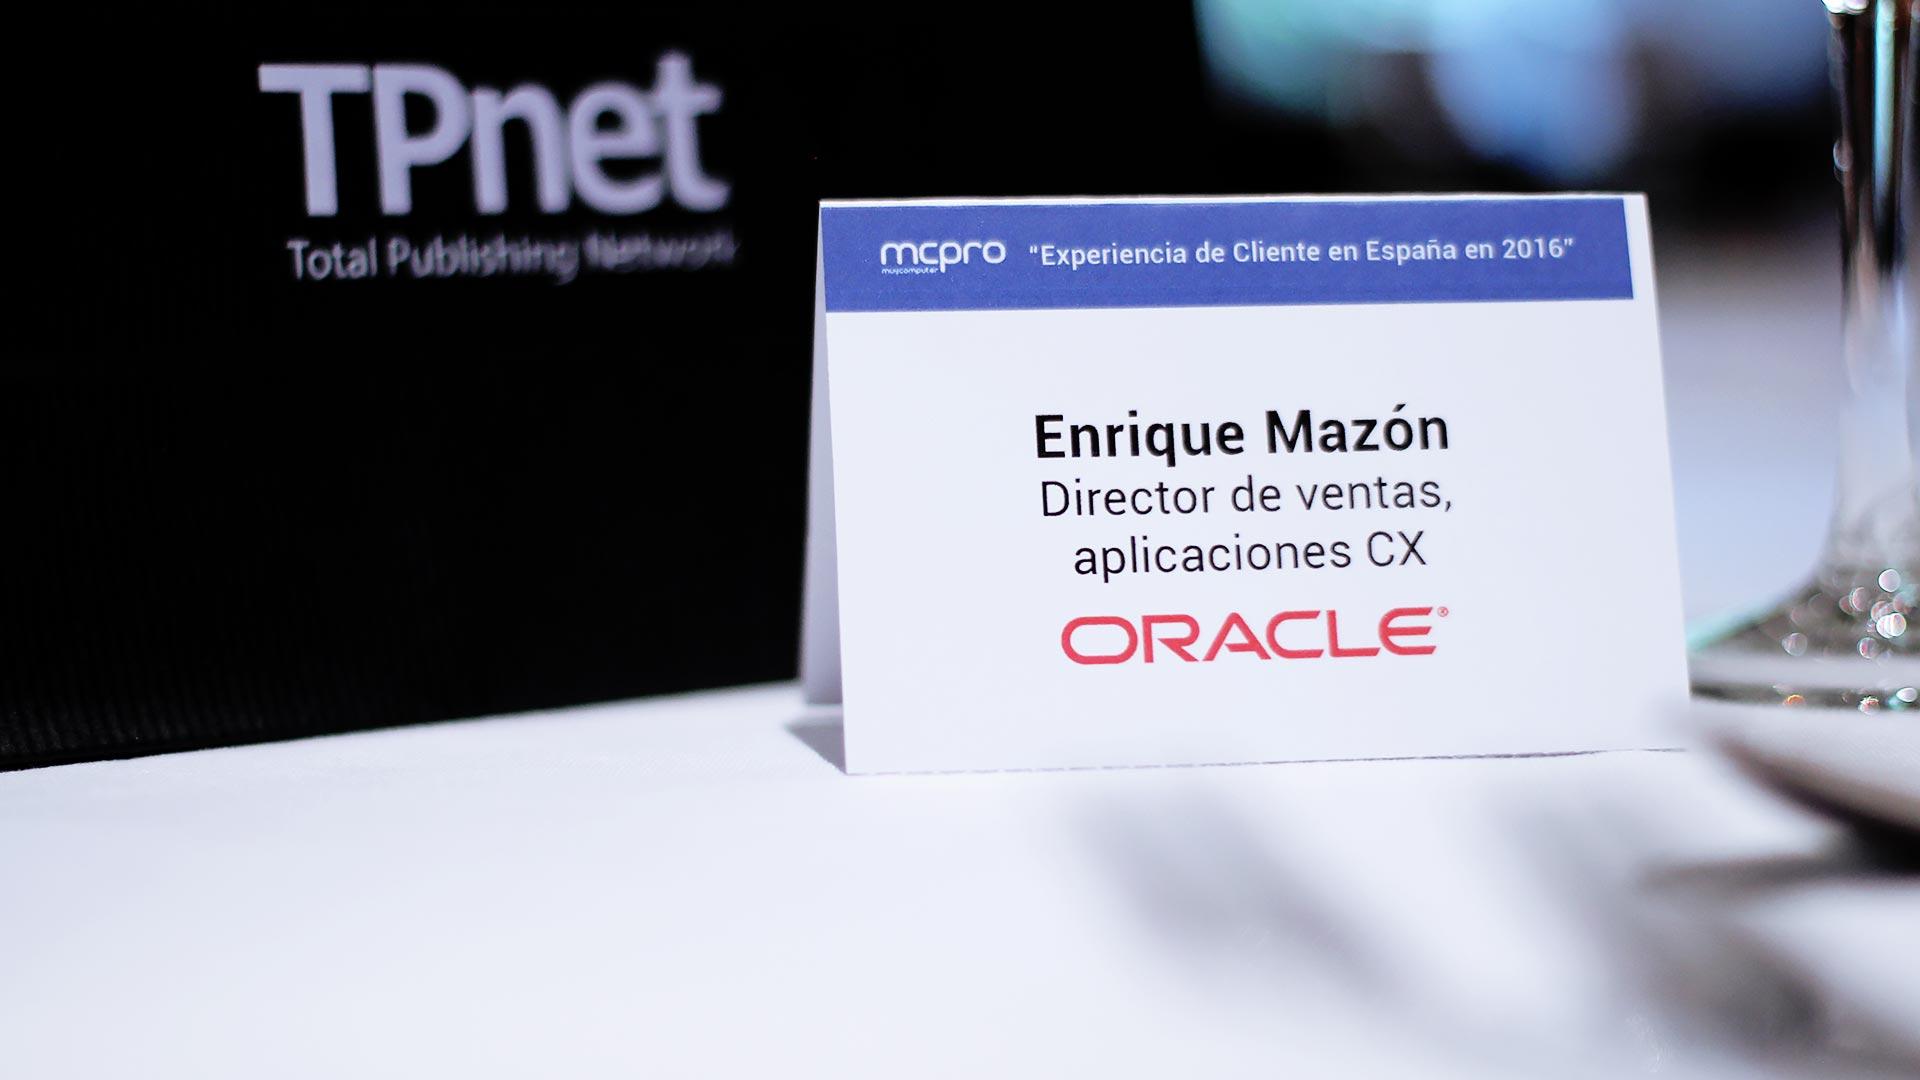 oracle_tpnet_evento_debate_mesa_redonda_informe_herramientas_experiencia_cliente_21